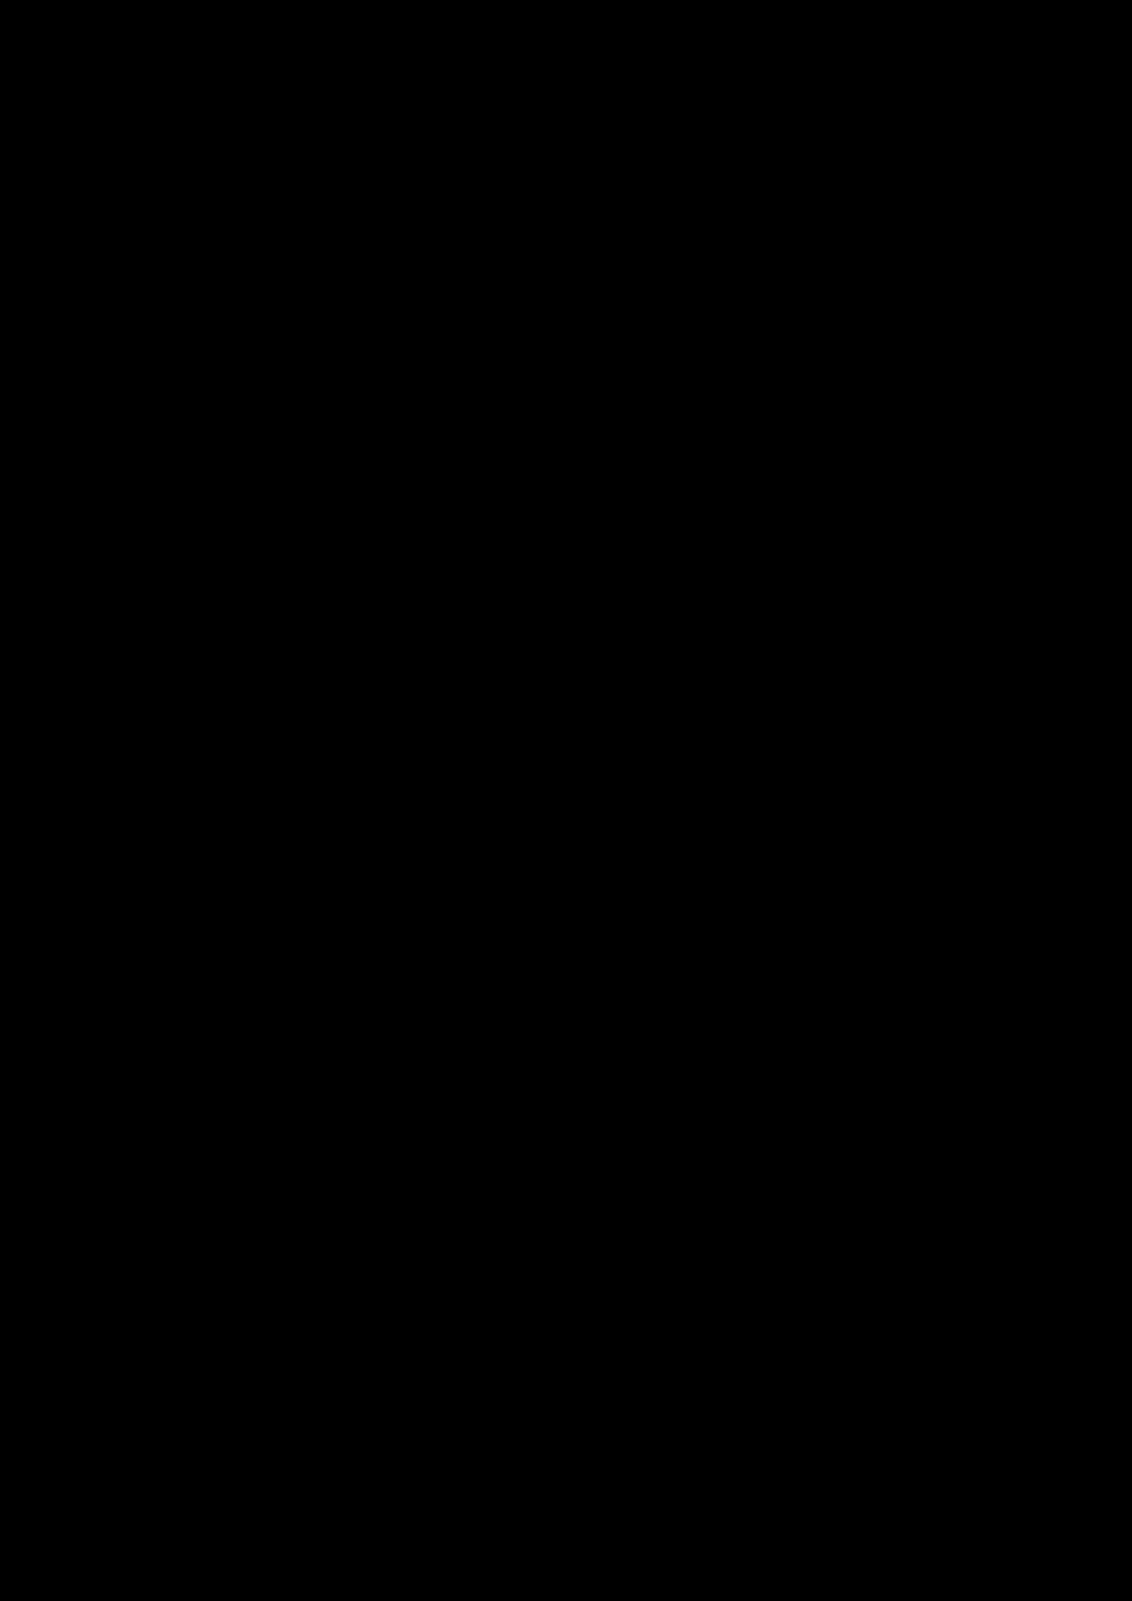 Zagadka volshebnoy stranyi slide, Image 159